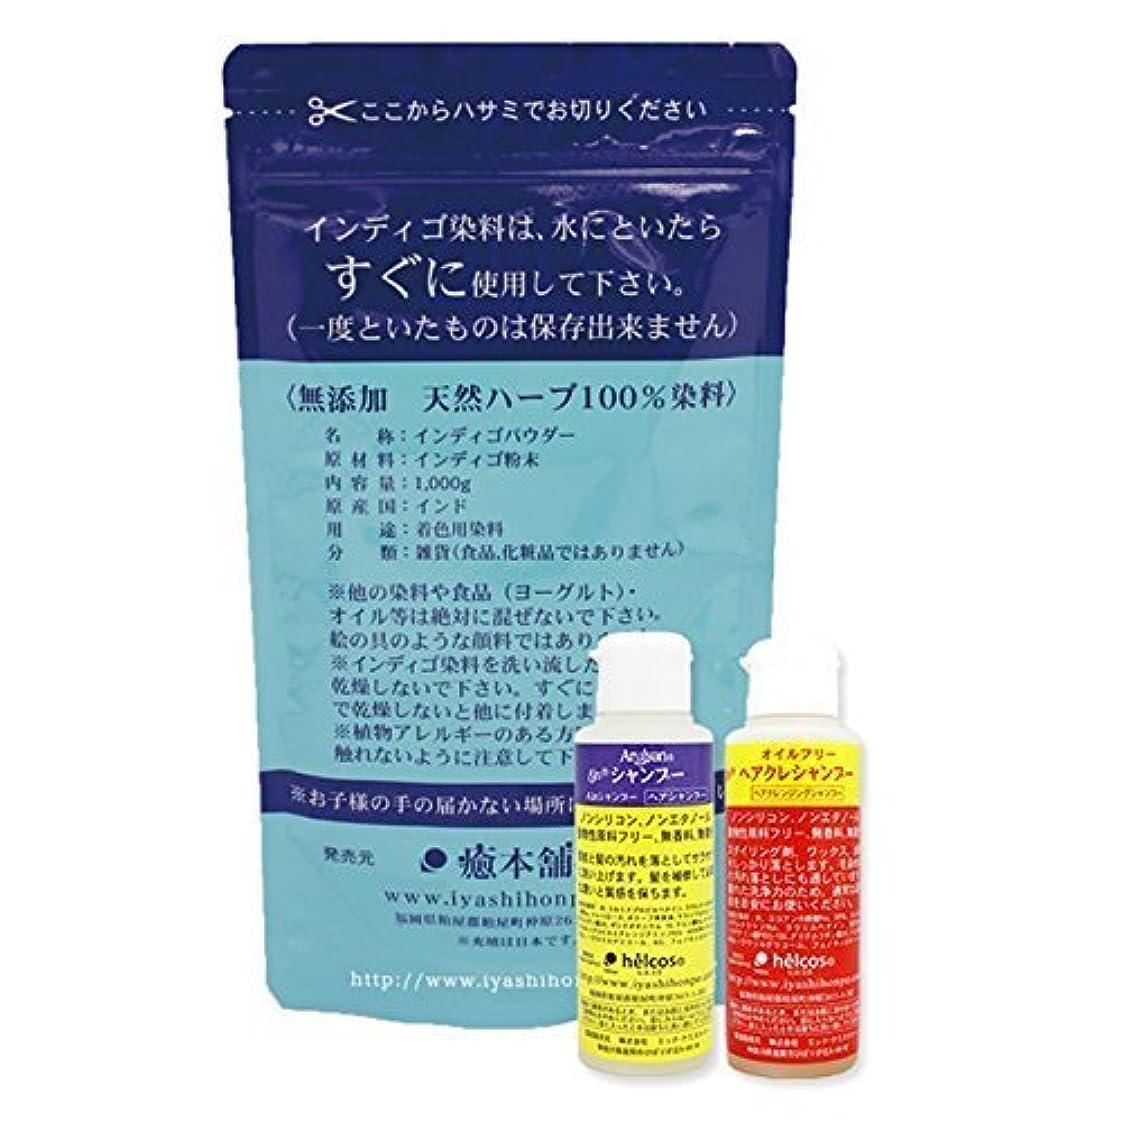 無傷ティームカポック白髪染め インディゴ(天然染料100%) 1kg+シャンプー2種セット 癒本舗